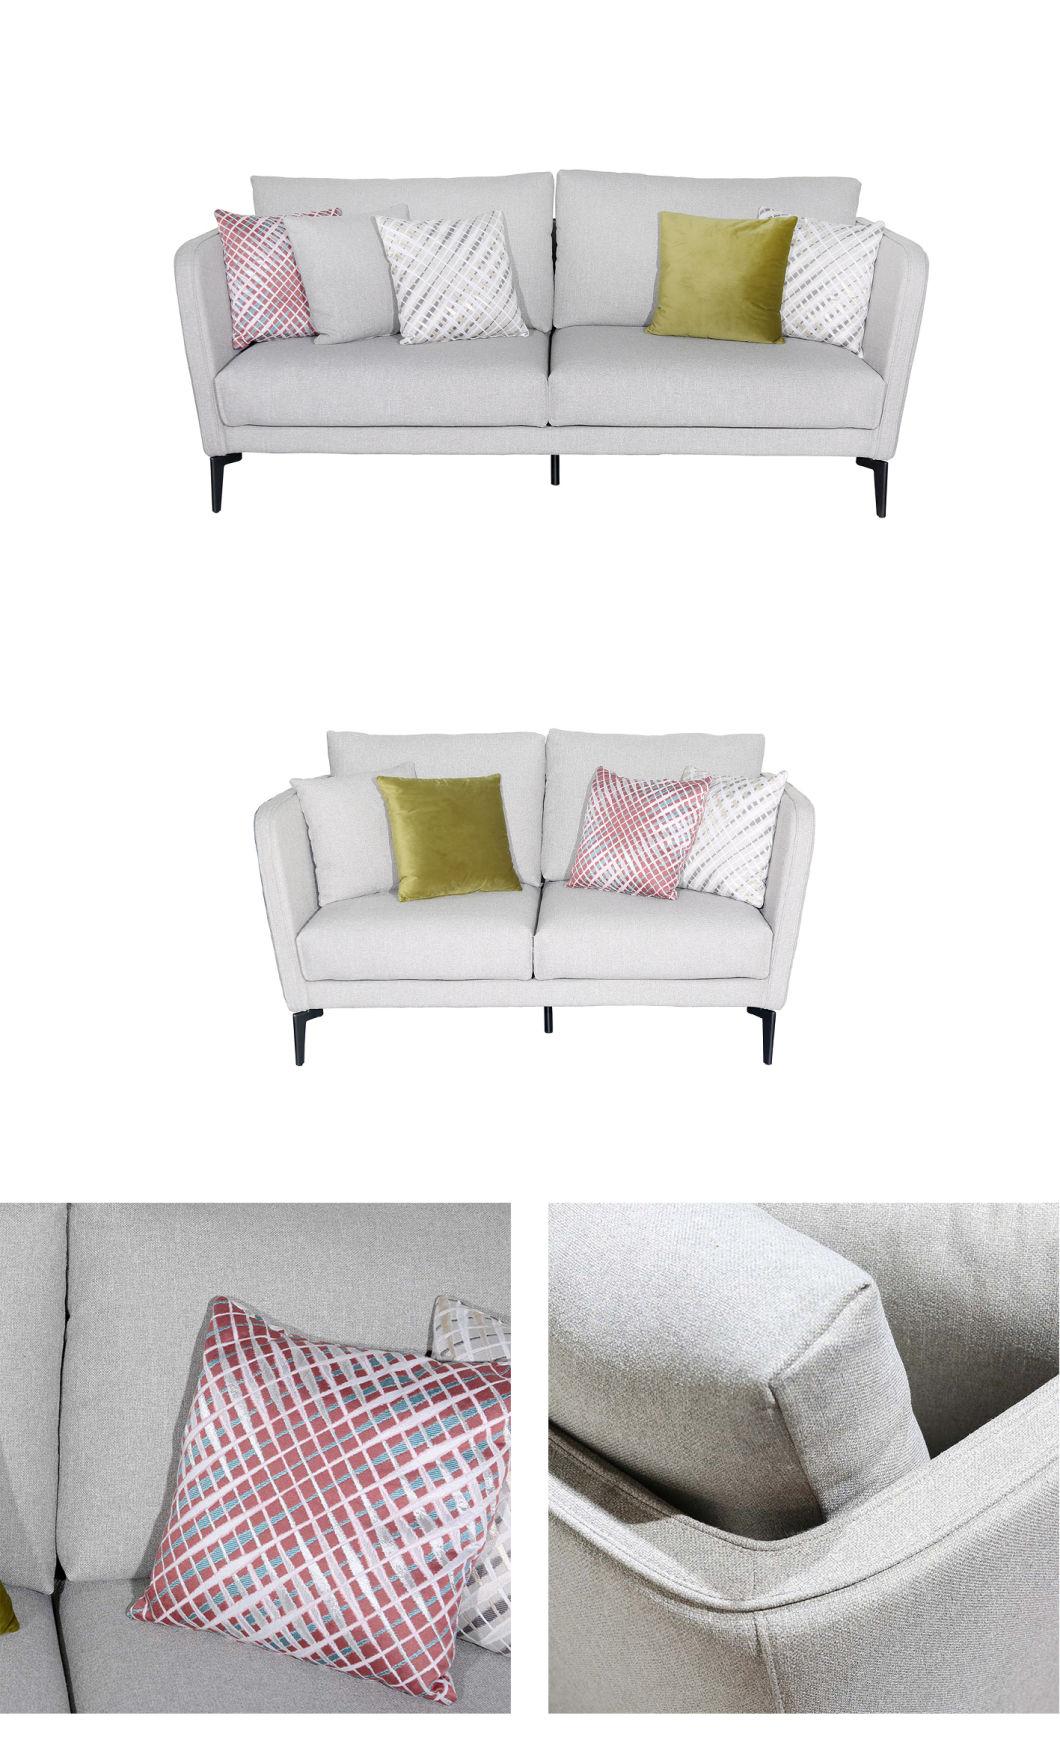 Furniture Manufacturer Fabric Sofa